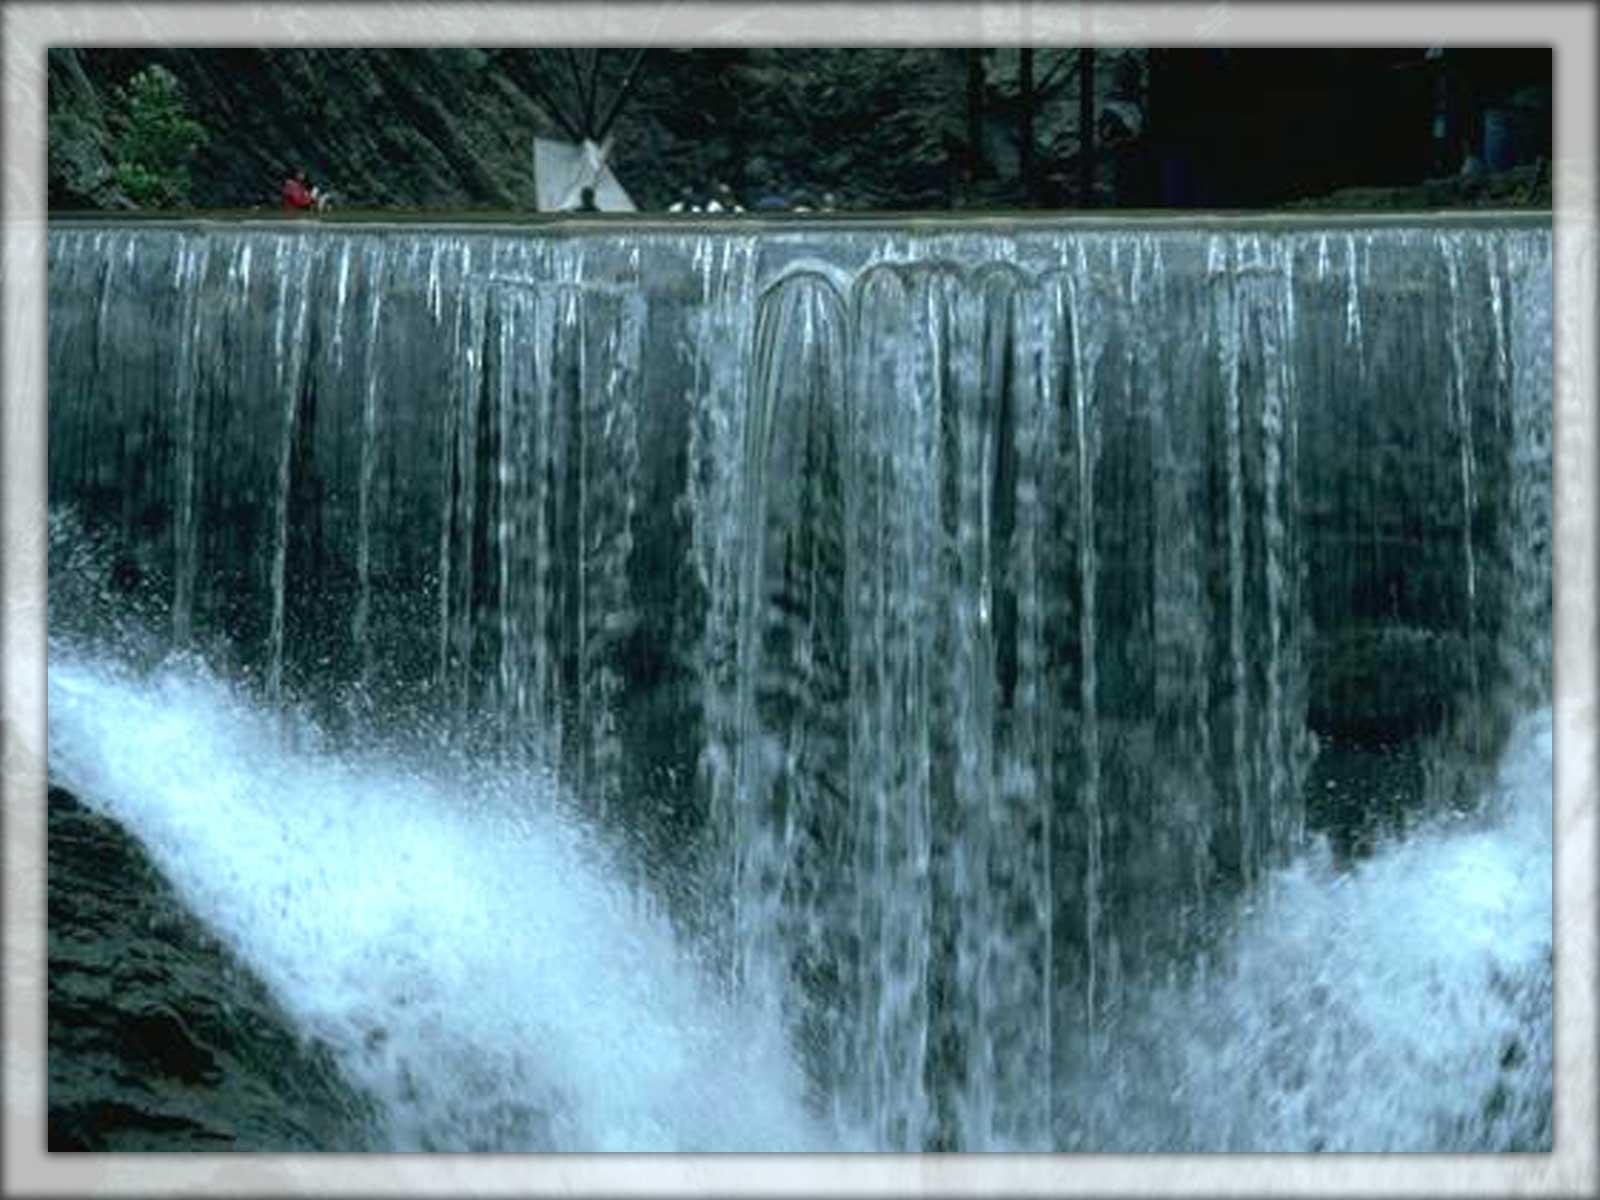 https://1.bp.blogspot.com/-rMs6Pb1PT5E/TbWeJZjAFzI/AAAAAAAACeA/1ui_yMn2H2s/s1600/waterfall%2Blogo.jpeg